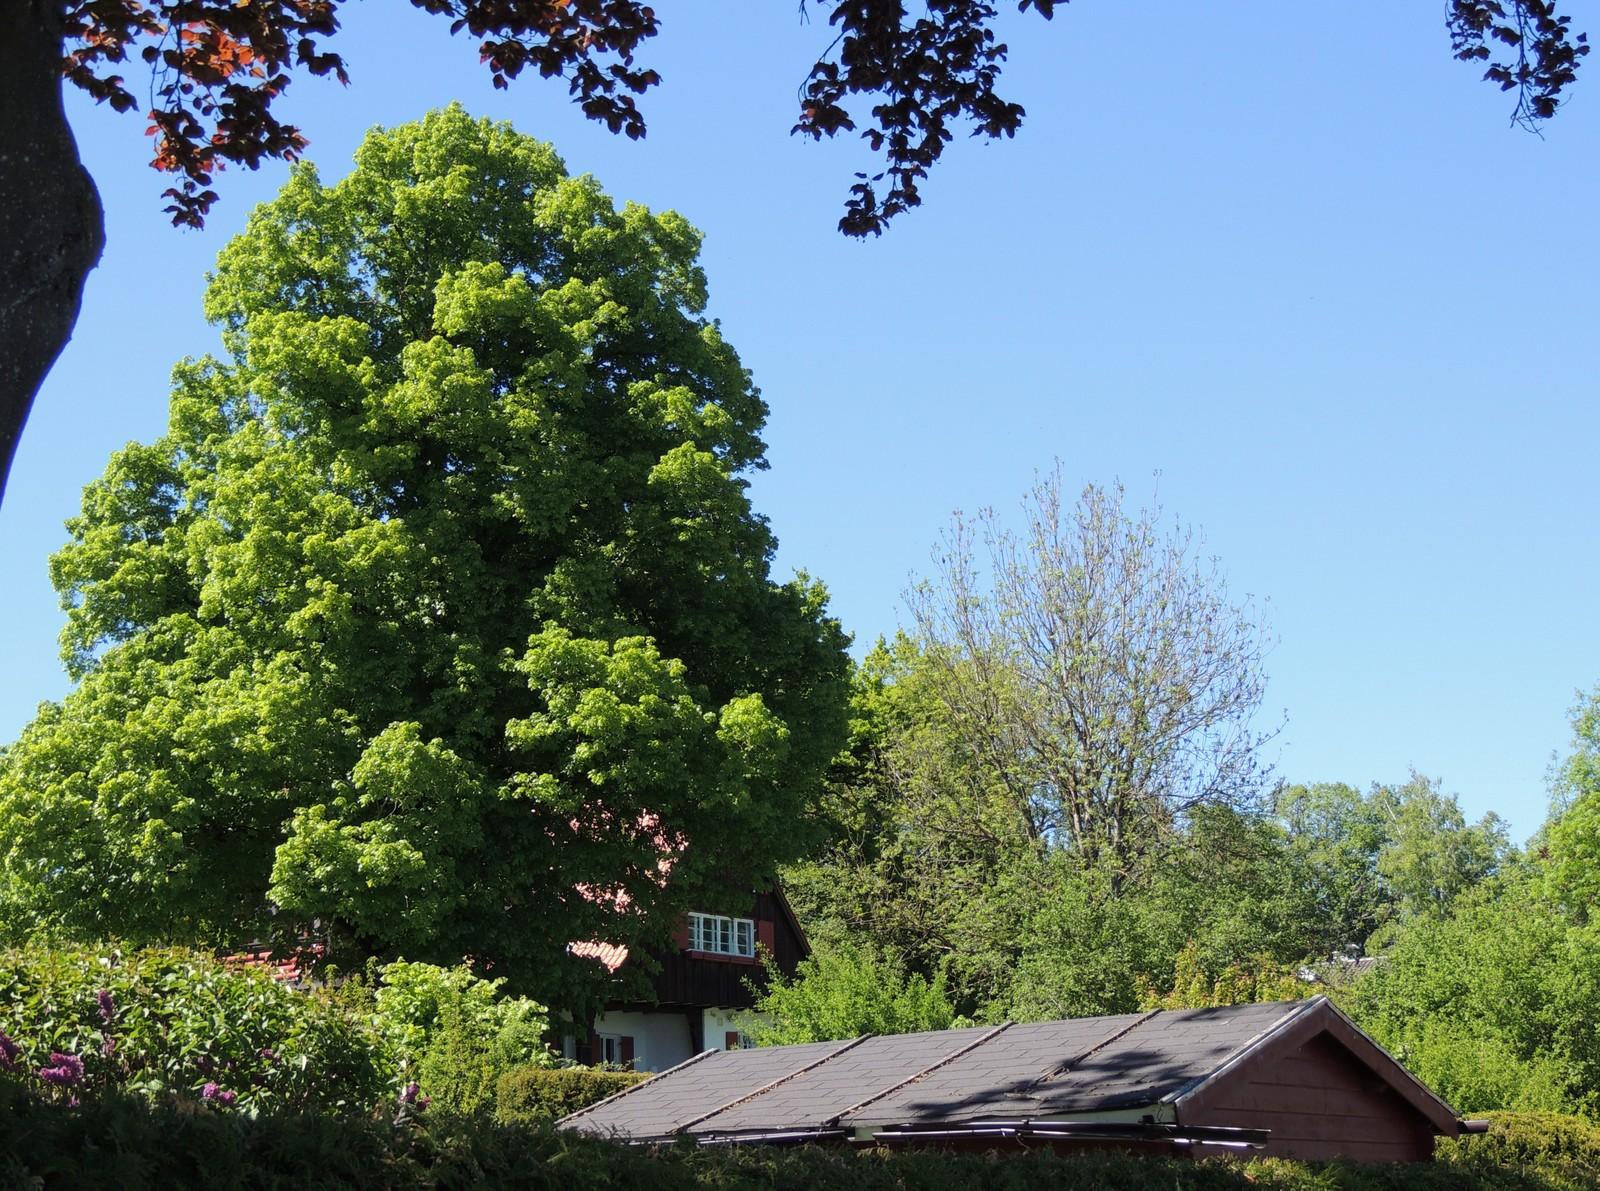 Villa in Schondorf am Ammersee